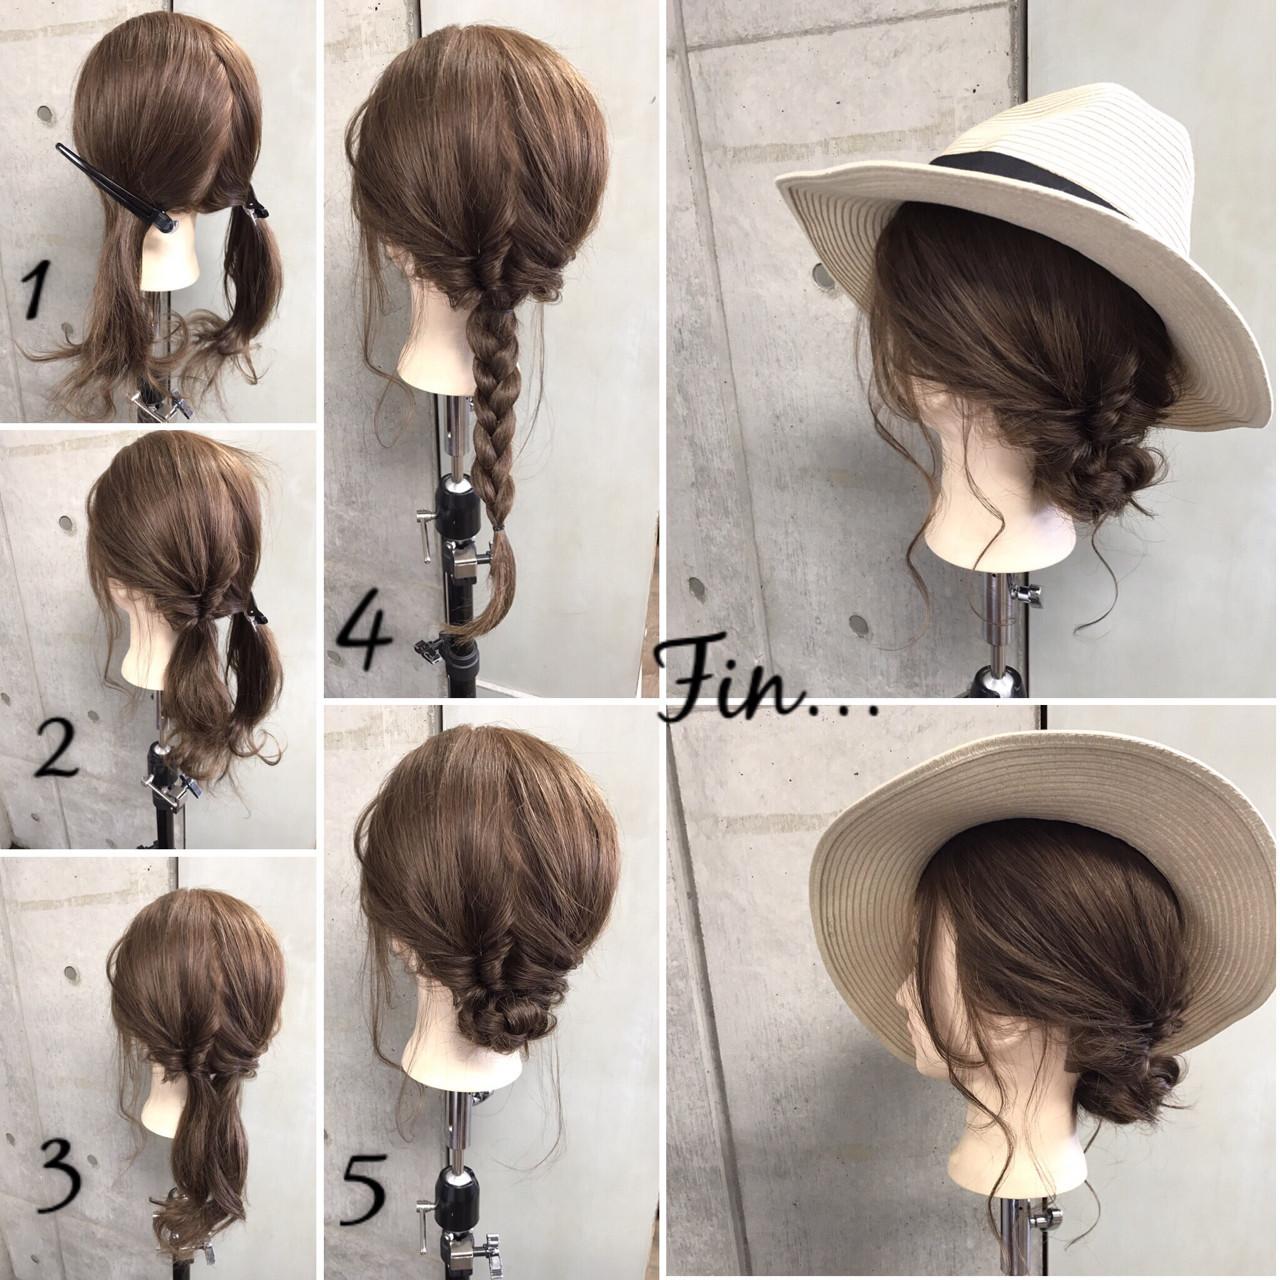 三つ編みでつくる簡単シニヨンは帽子にぴったりの髪型 東海林翔太